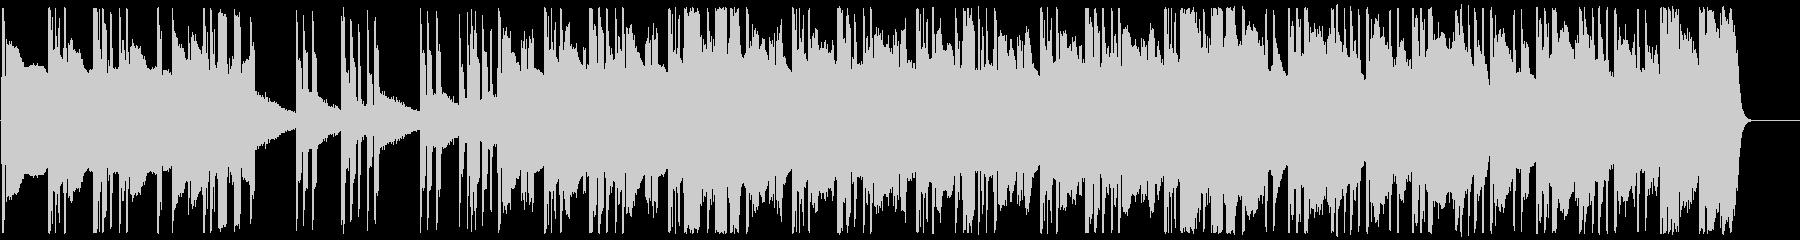 ヒップホップ/超重バス/トラップ#3の未再生の波形